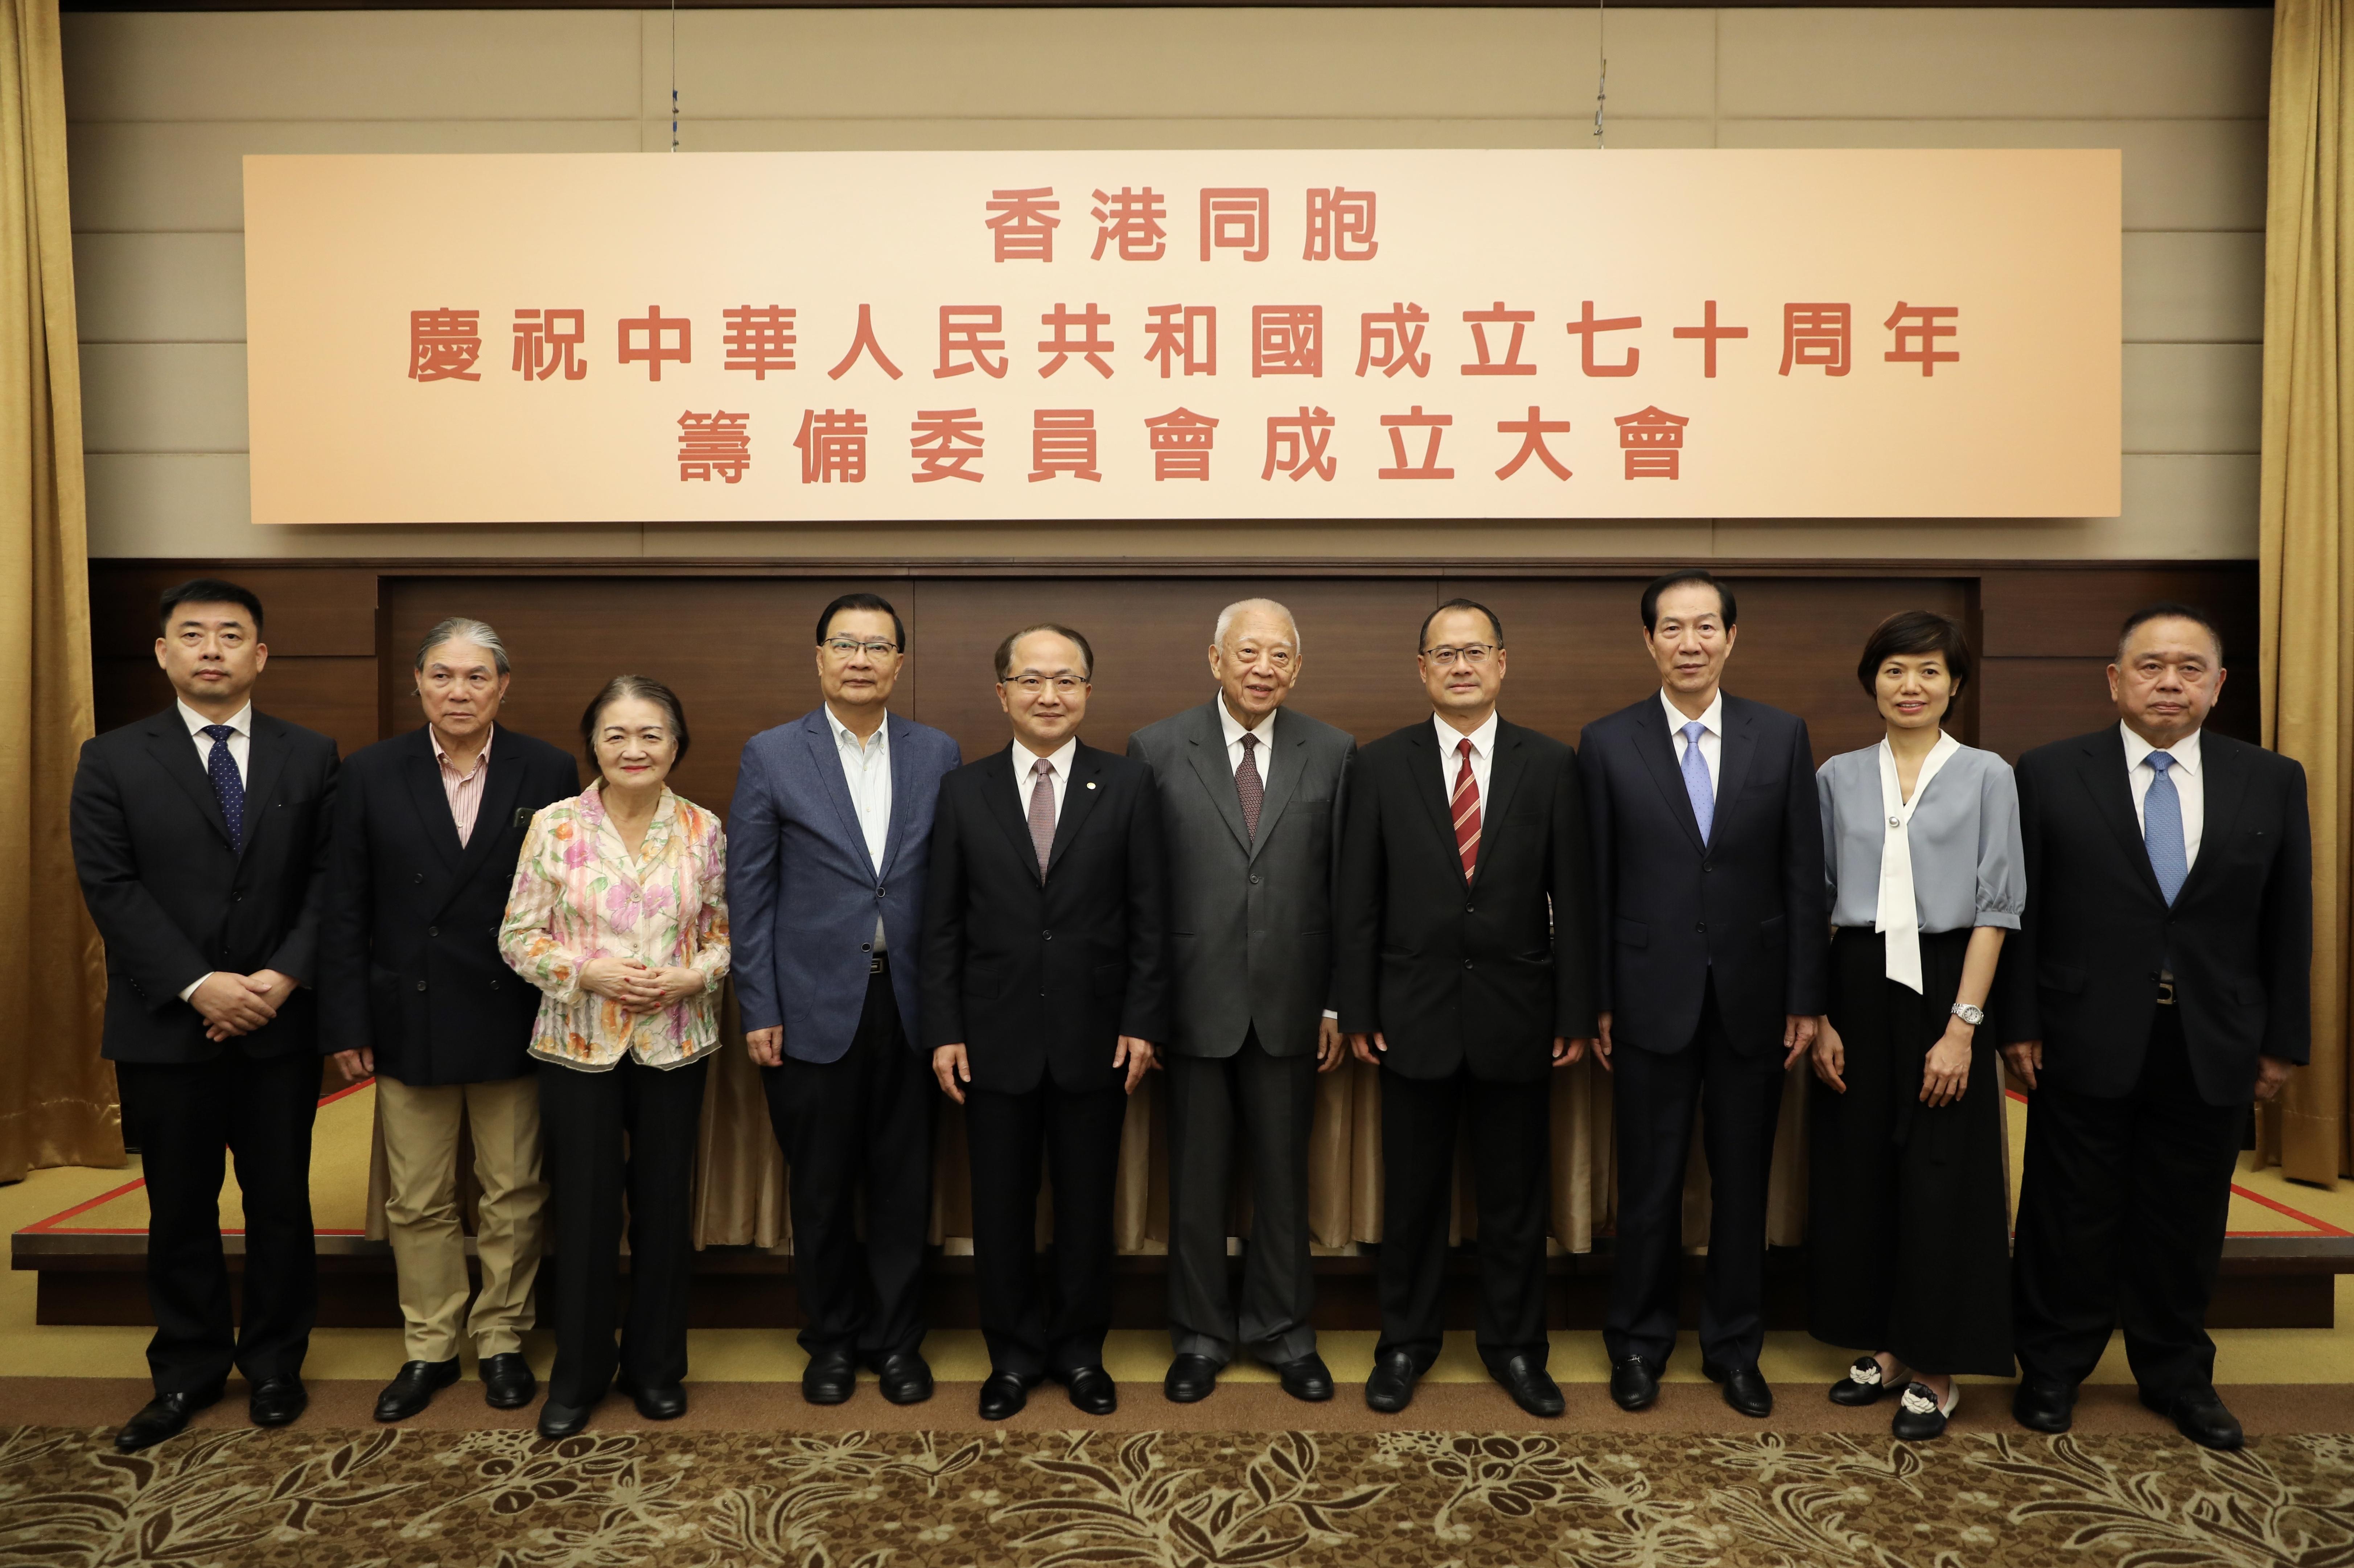 王志民(左五)出席「籌委會」成立大會並致辭(大公文匯全媒體記者李湃豐攝)